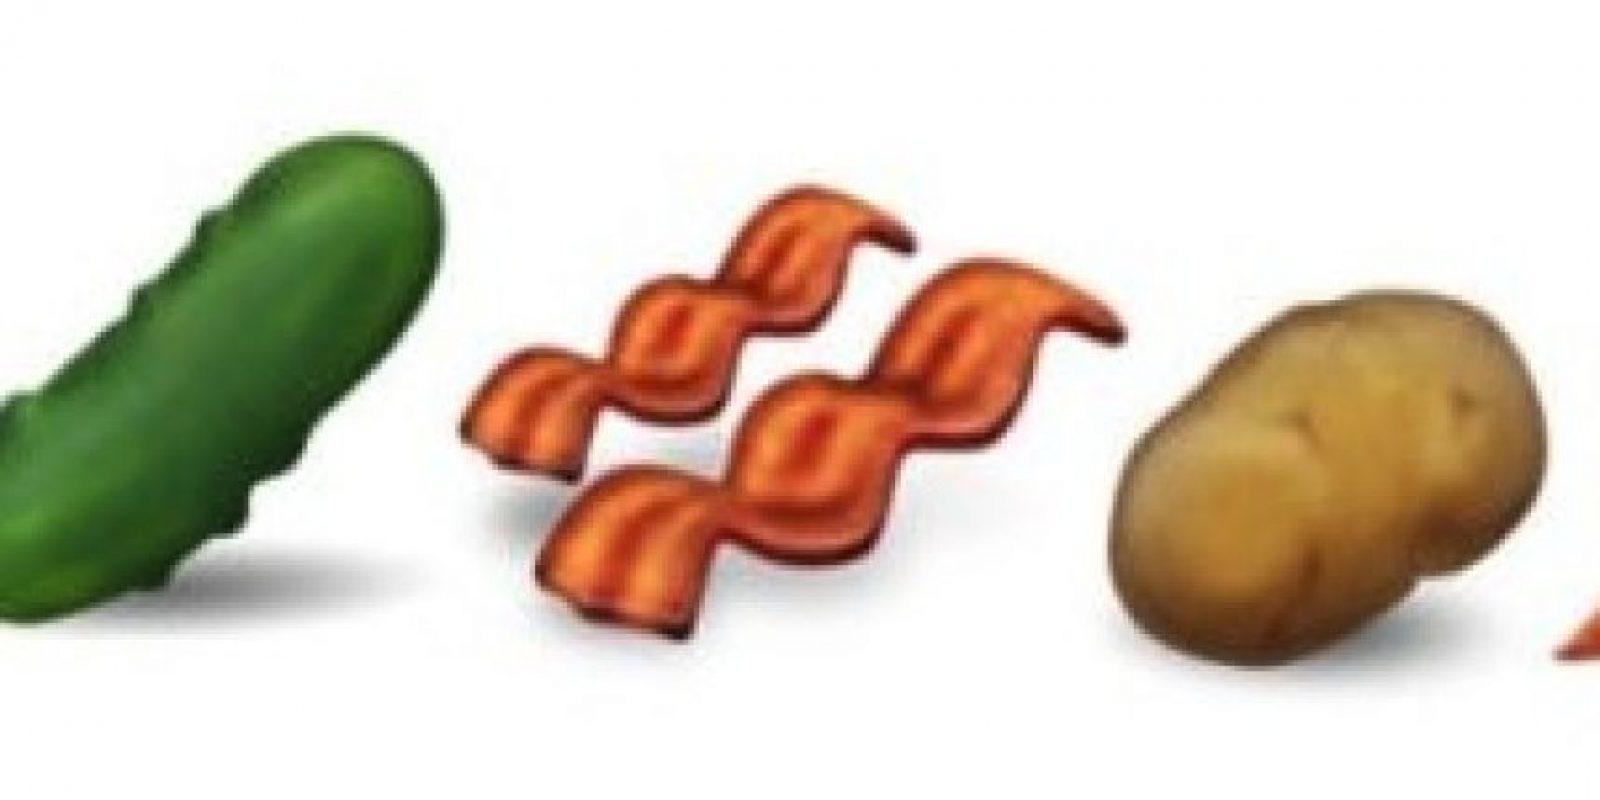 Nuevos alimentos Foto:Emojipedia